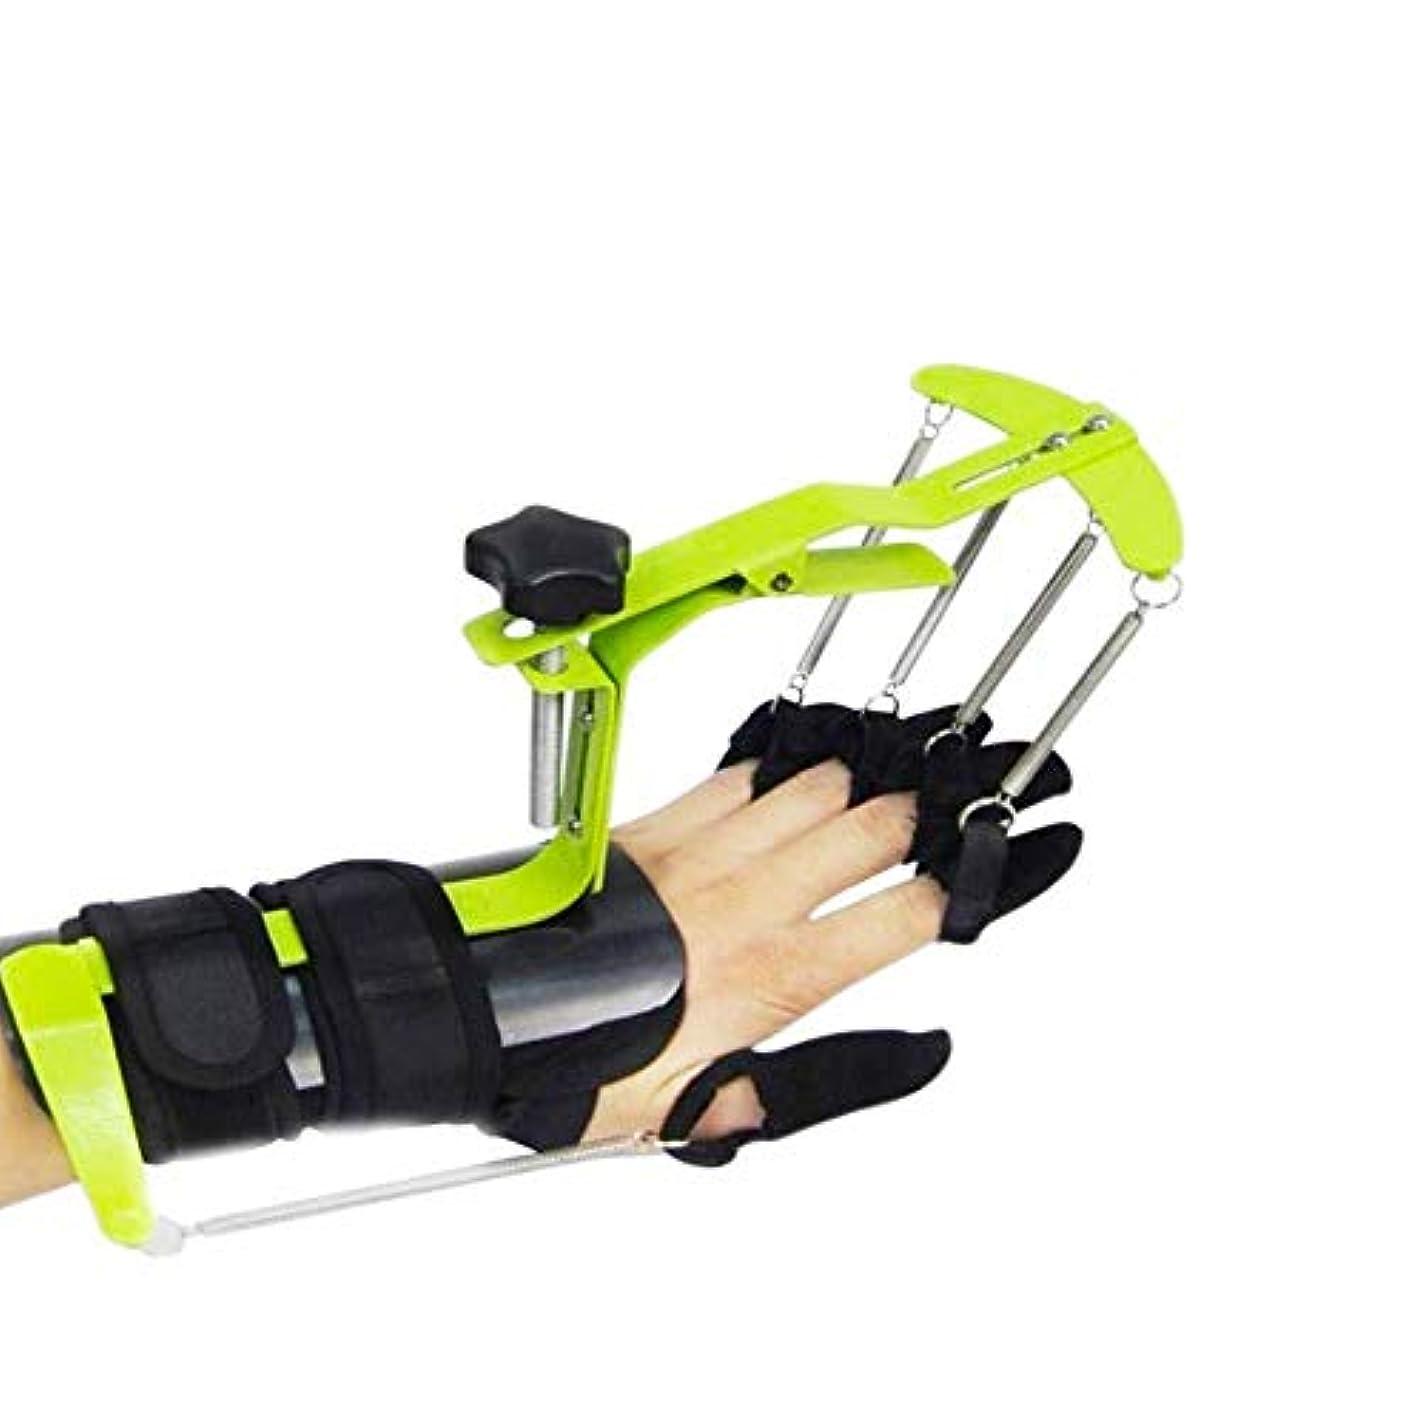 レルムオペラモザイク指の怪我のサポート、手首装具のサポート、矯正姿勢矯正器、手の延長リハビリテーション訓練